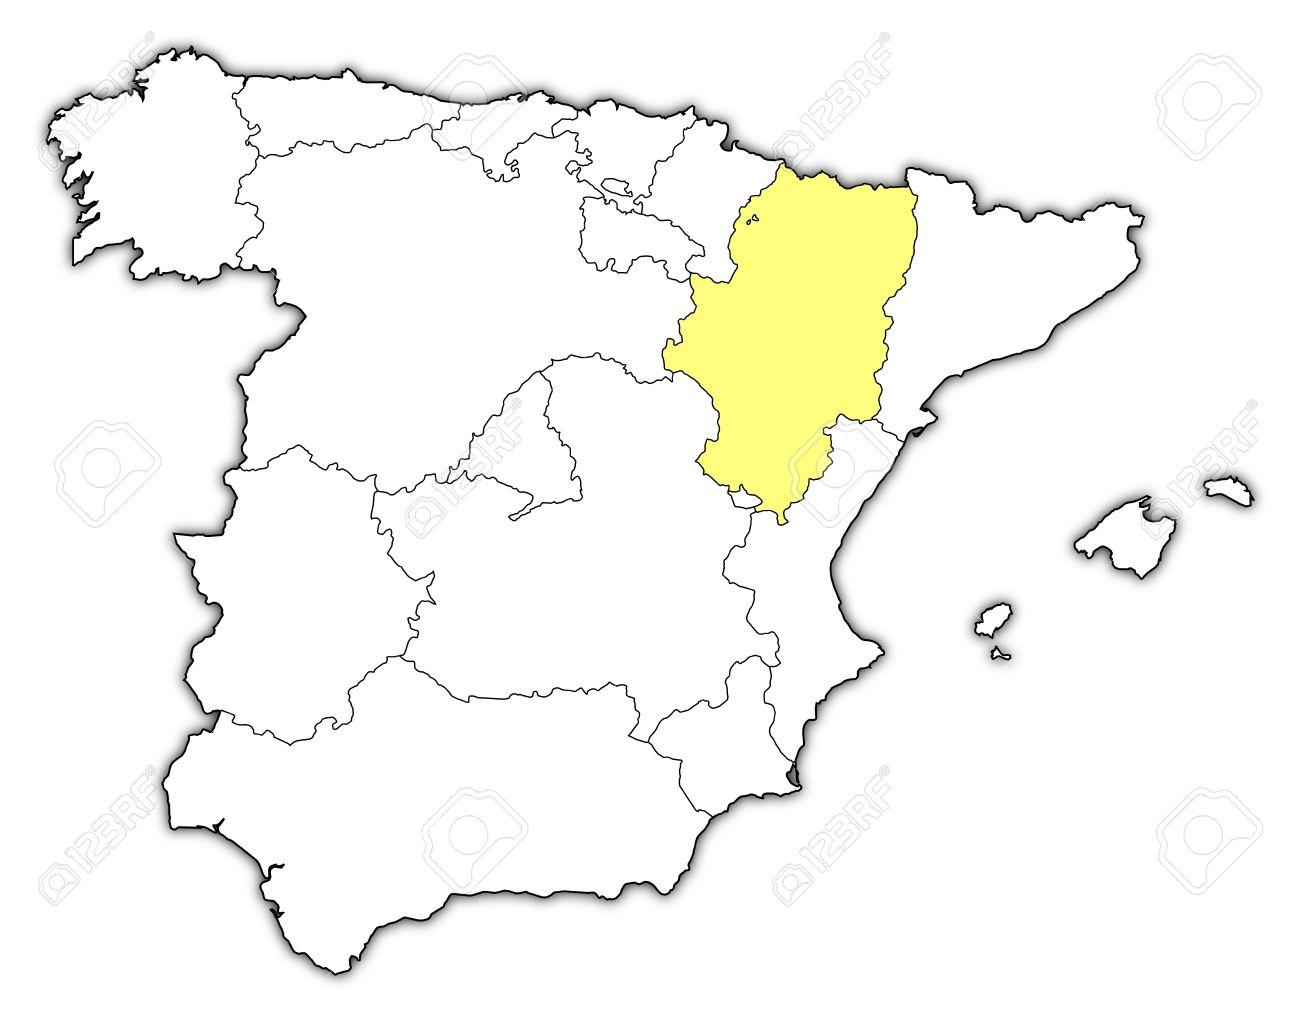 Regioni Della Spagna Cartina.Vettoriale Mappa Politica Della Spagna Con Le Varie Regioni In Cui E Evidenziato Aragona Image 11566172